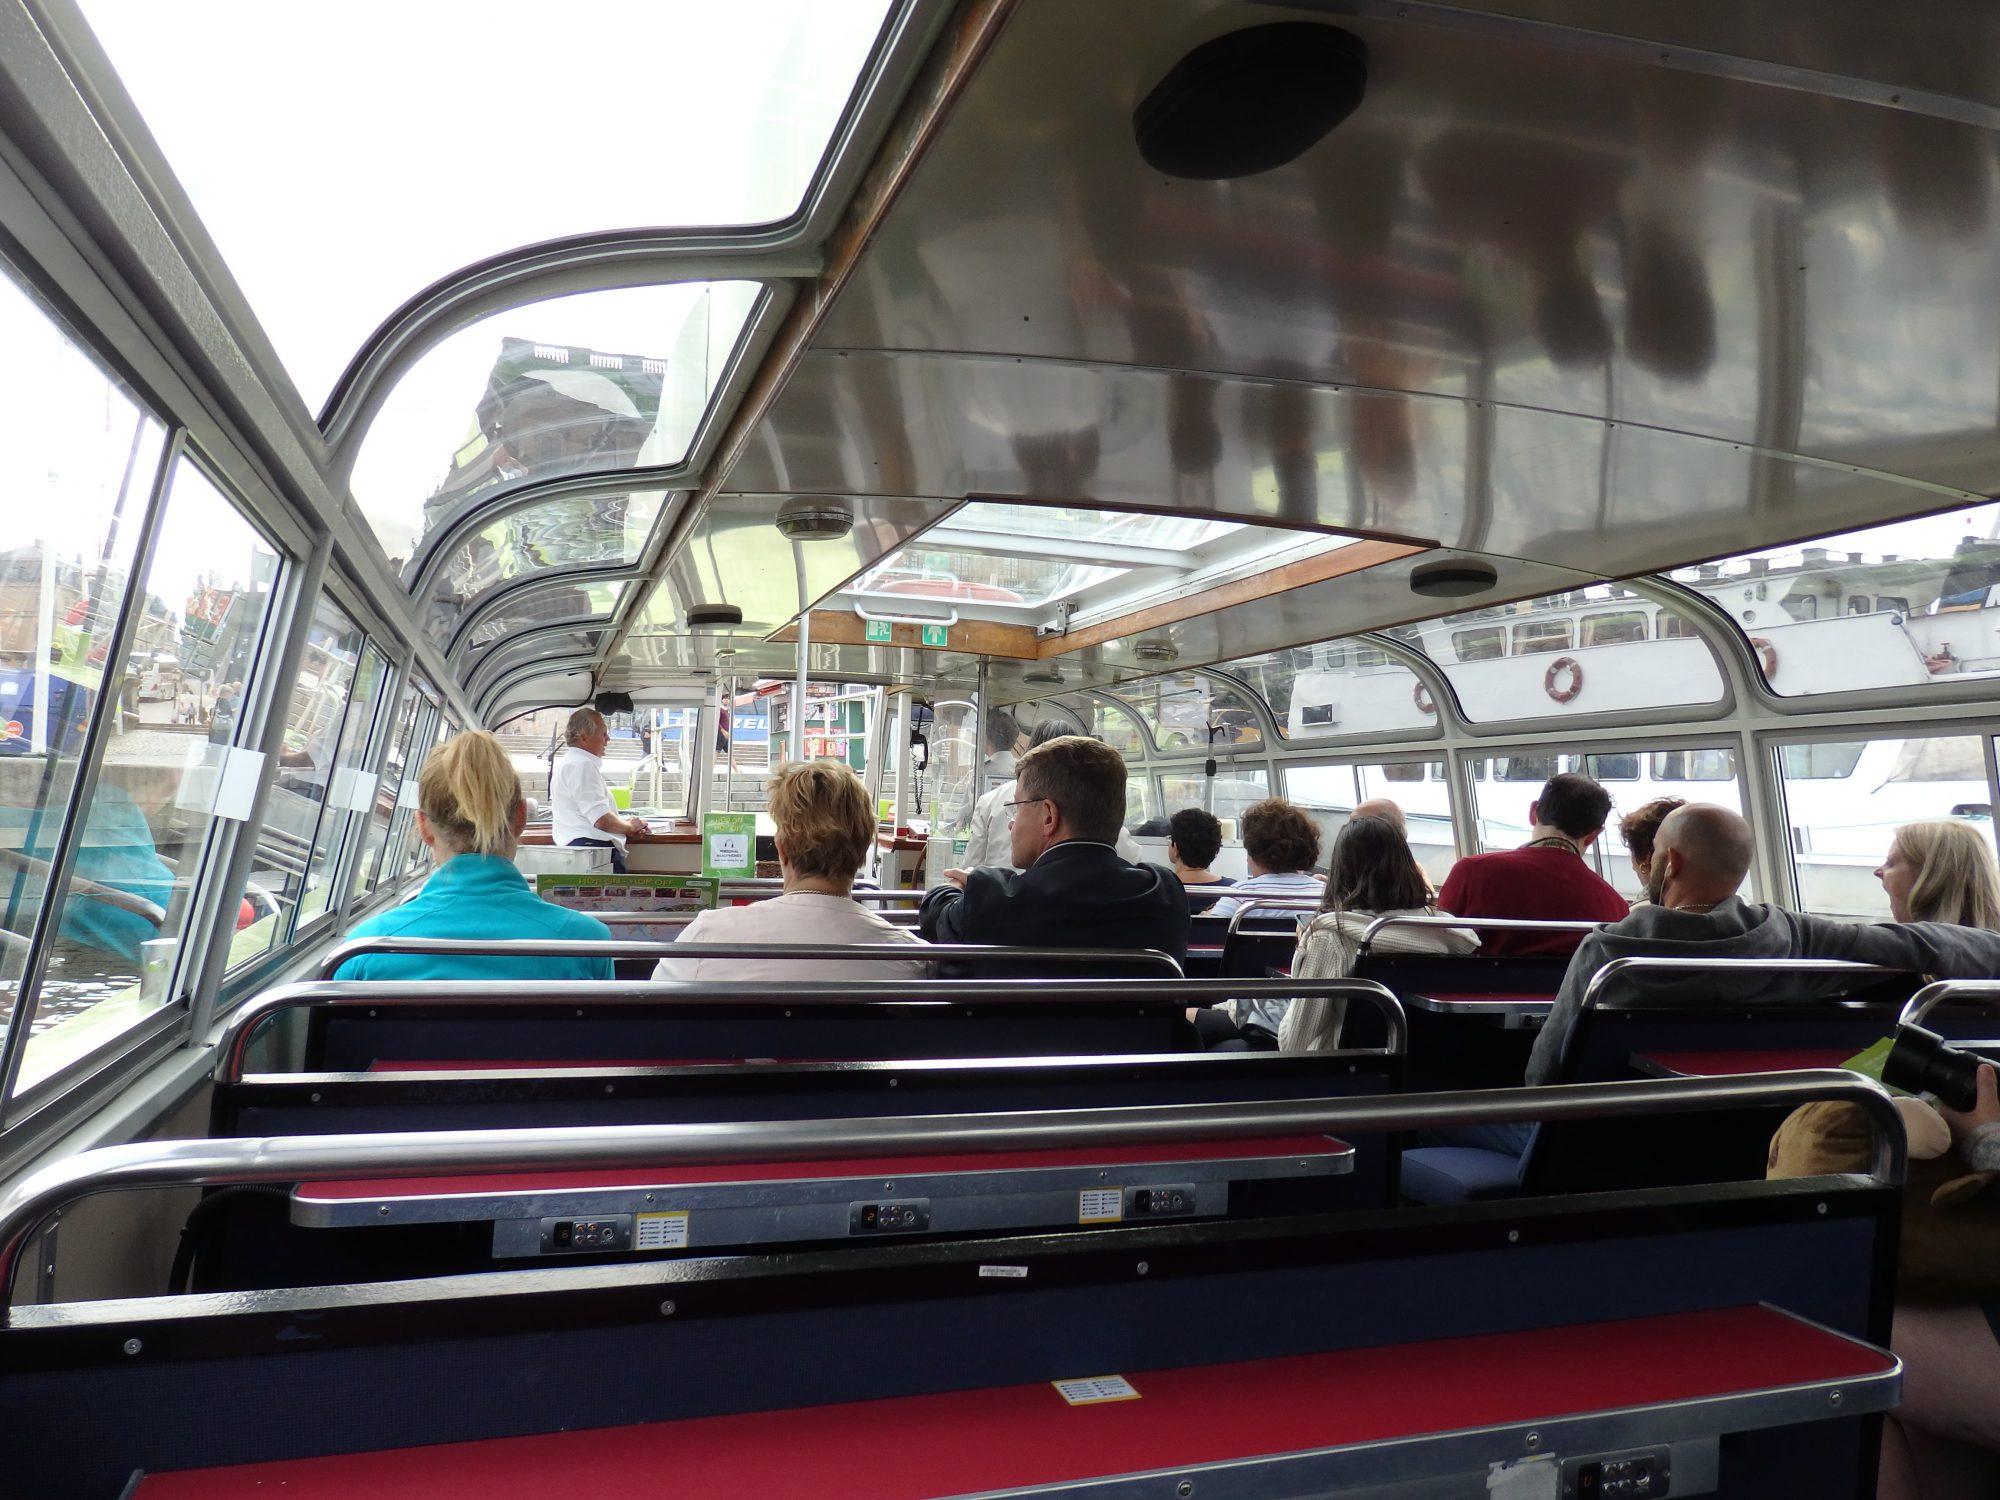 Inside a Hop On Hop Off boat